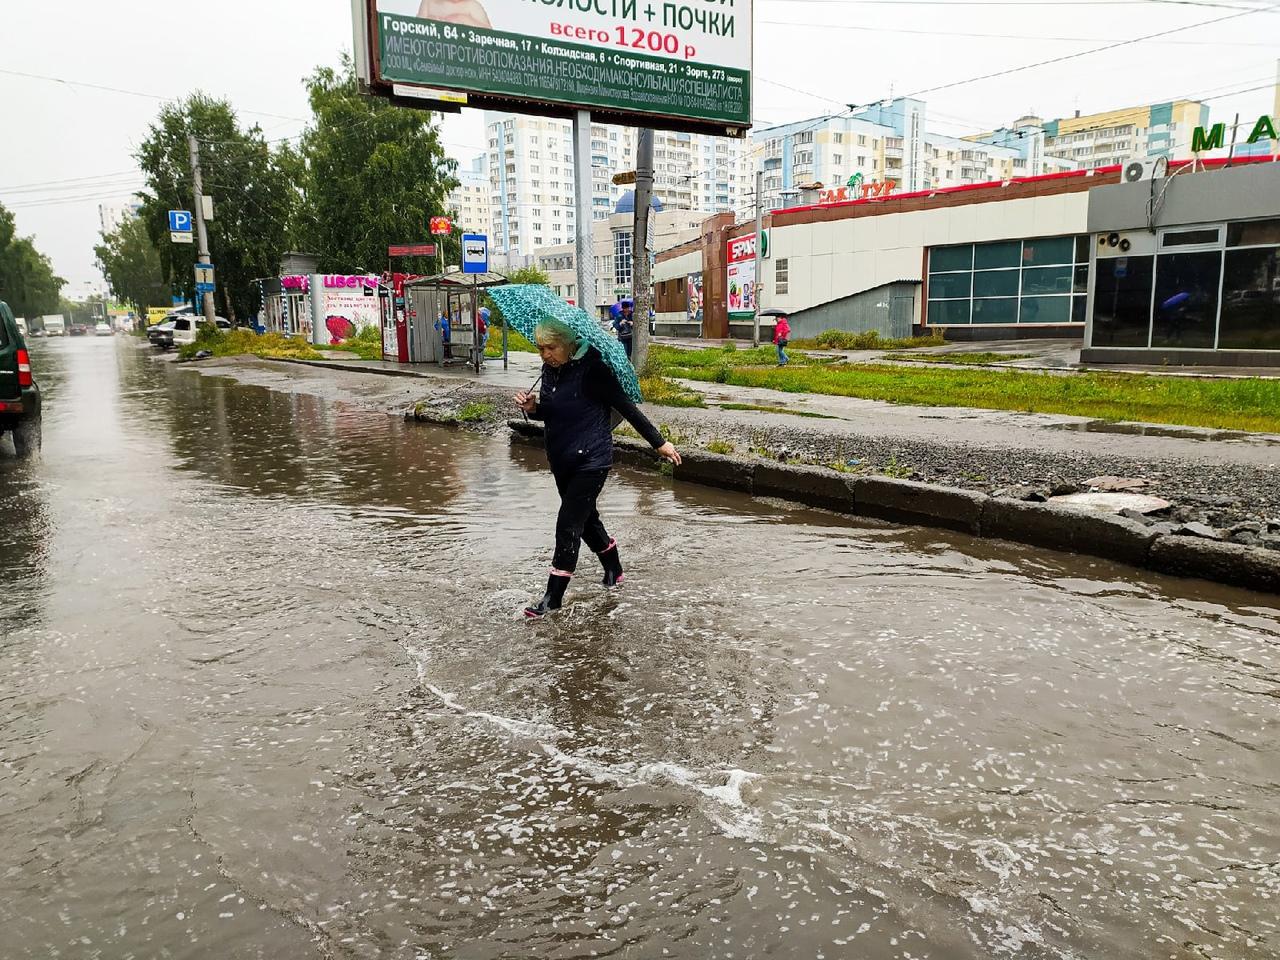 Фото «Сибирь – болото»: как жители Новосибирска реагируют на мощный ливень 2